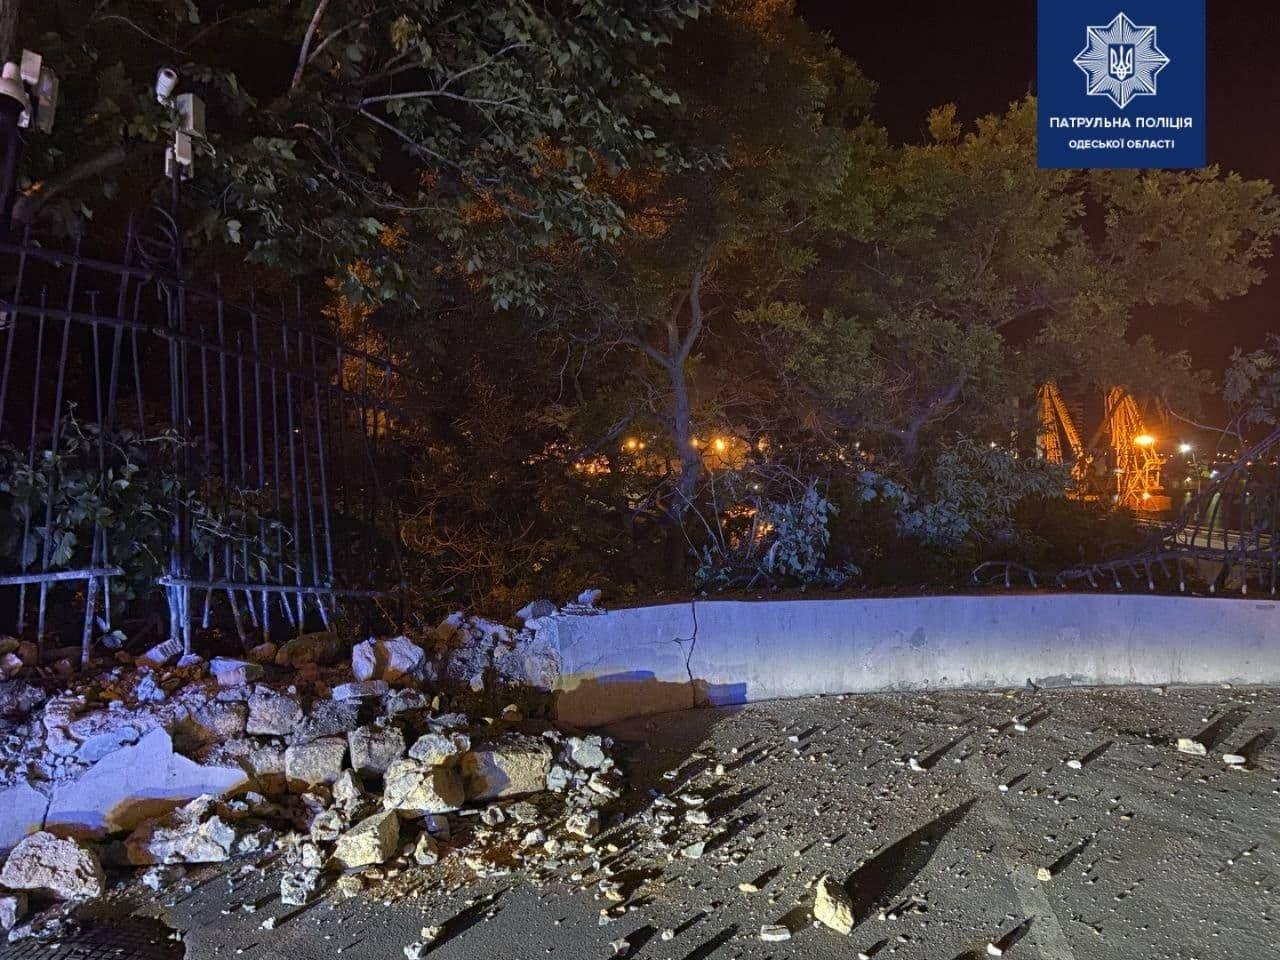 В Одессе автомобиль врезался в ограждение и вылетел на склоны, - ФОТО, фото-2